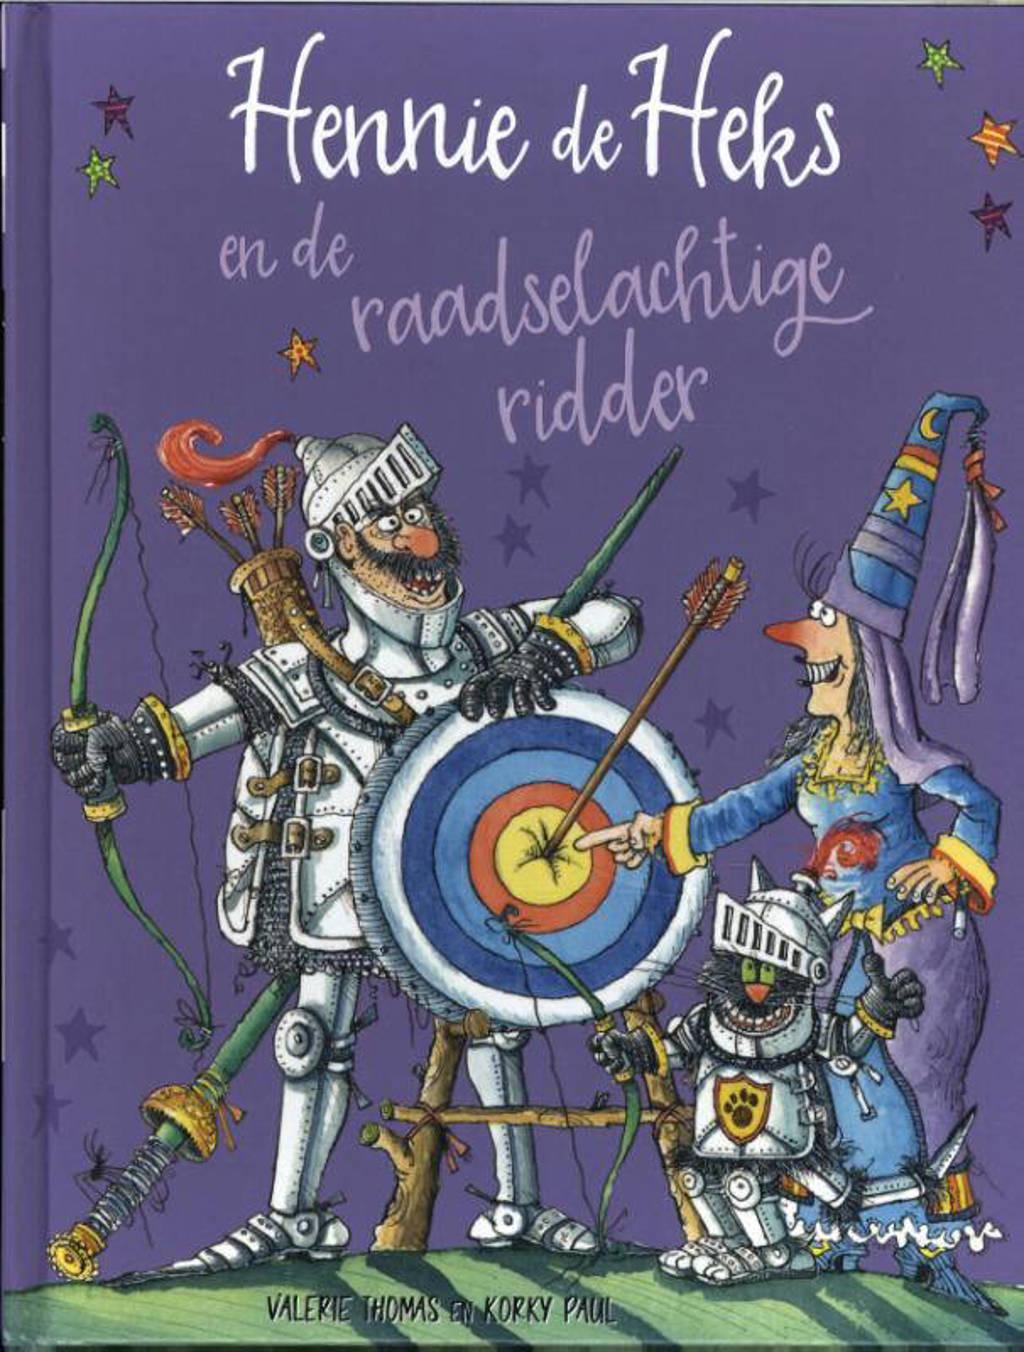 Hennie de Heks: Hennie de Heks en de raadselachtige ridder - Valerie Thomas en Korky Paul